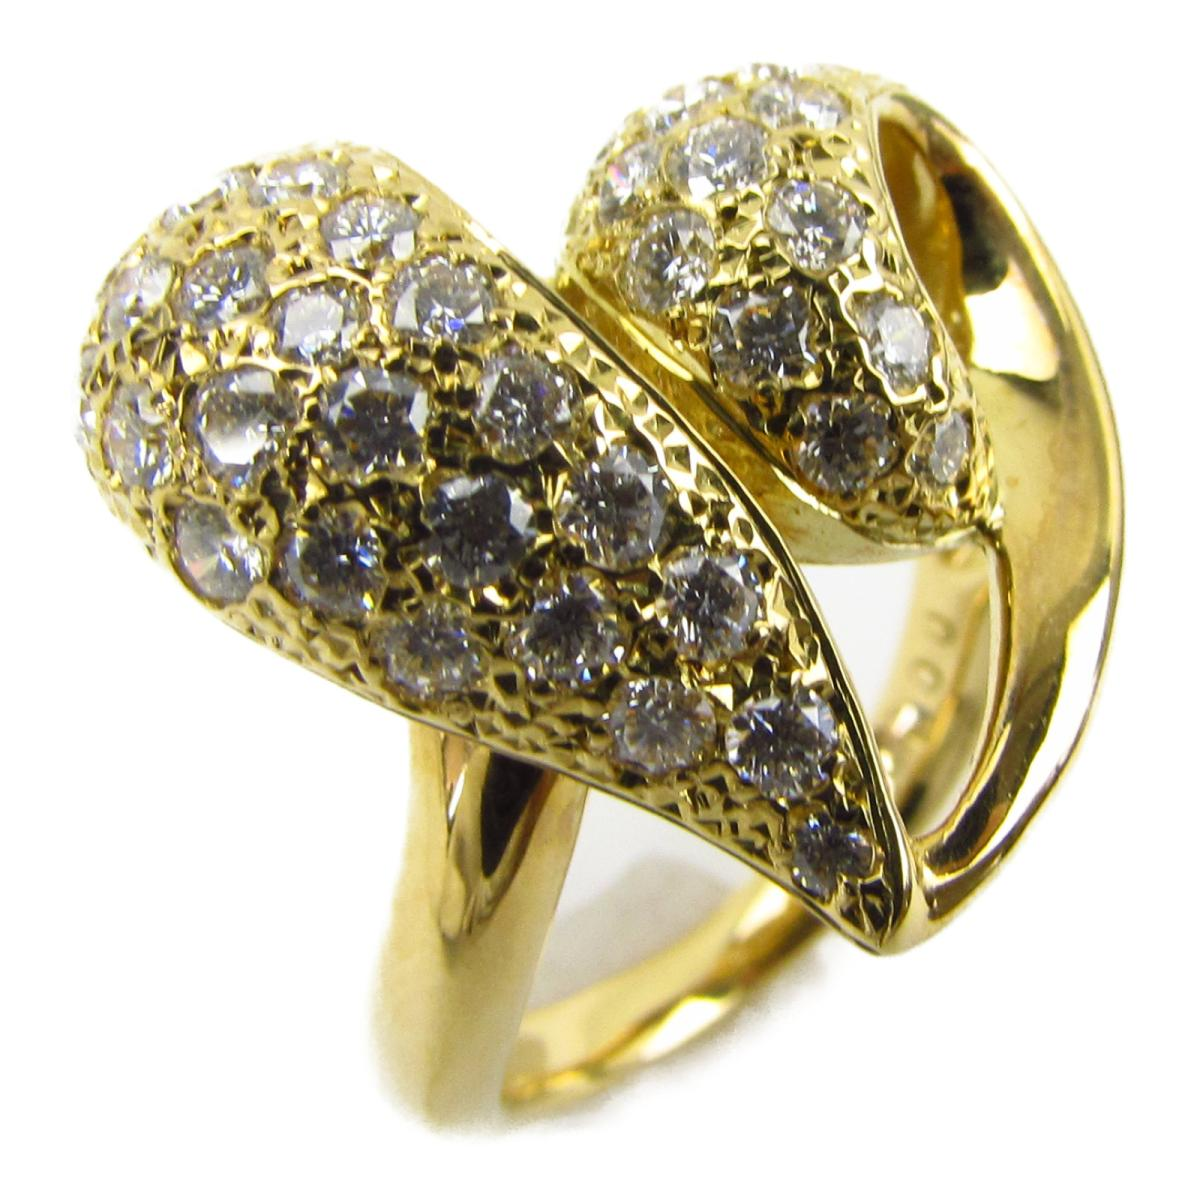 ジュエリー ハート ダイヤモンド リング 指輪 ノーブランドジュエリー レディース K18YG (750) イエローゴールド x ダイヤモンド1.00ct 【中古】 | JEWELRY BRANDOFF ブランドオフ アクセサリー